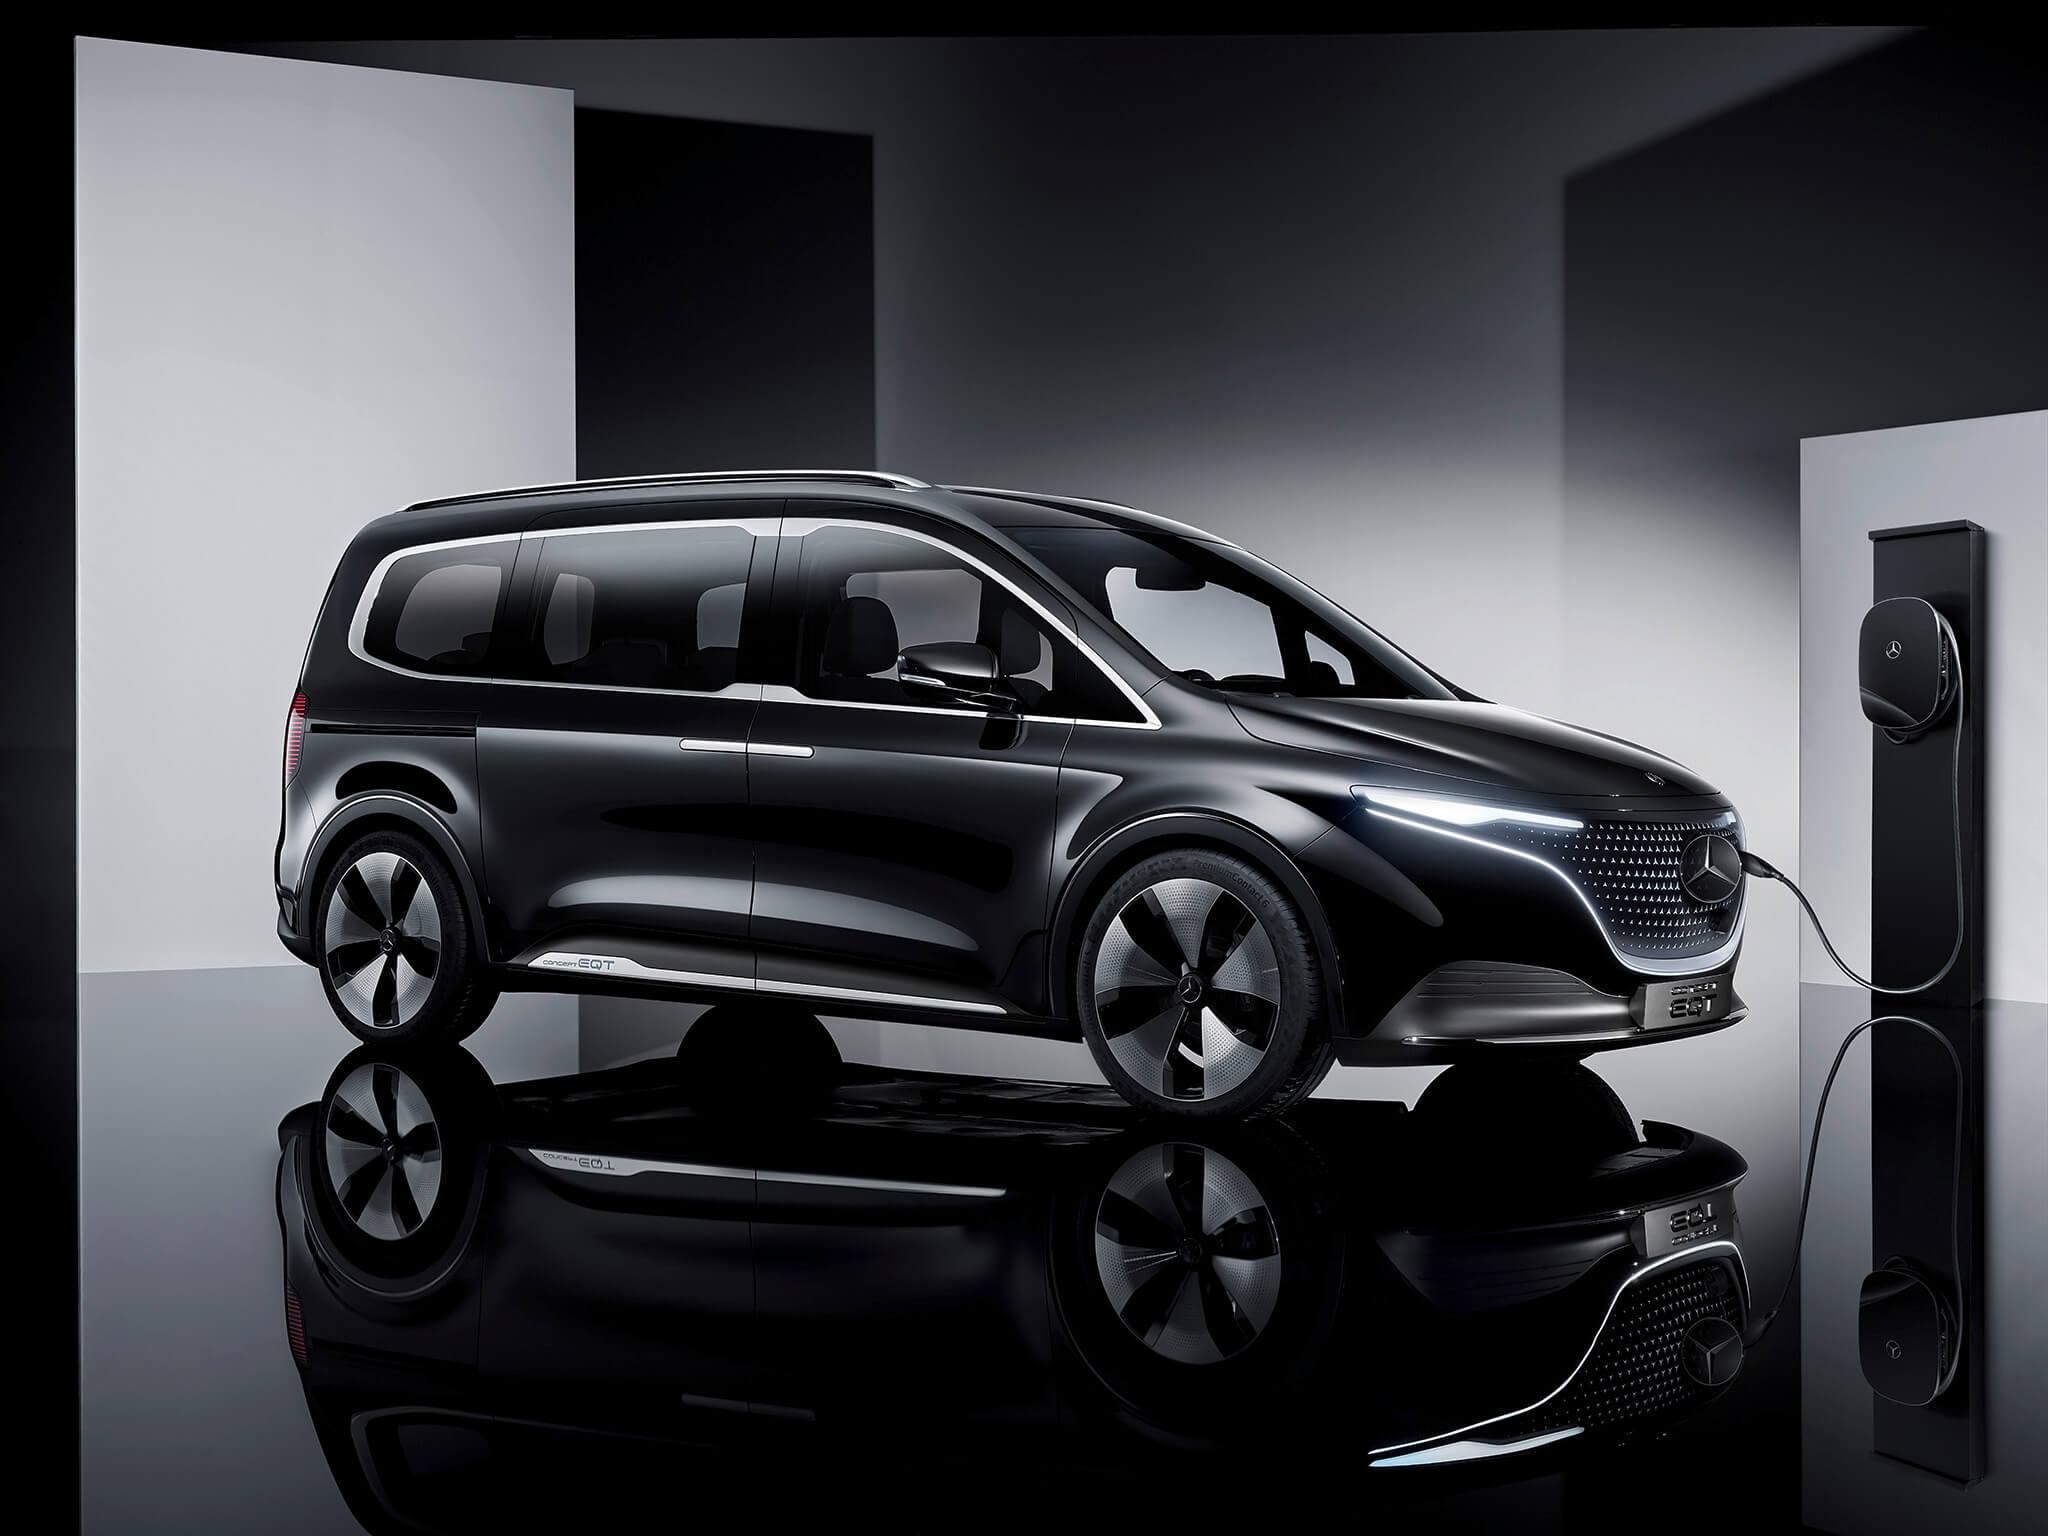 Mercedes-Benz EQT Concept a carregar